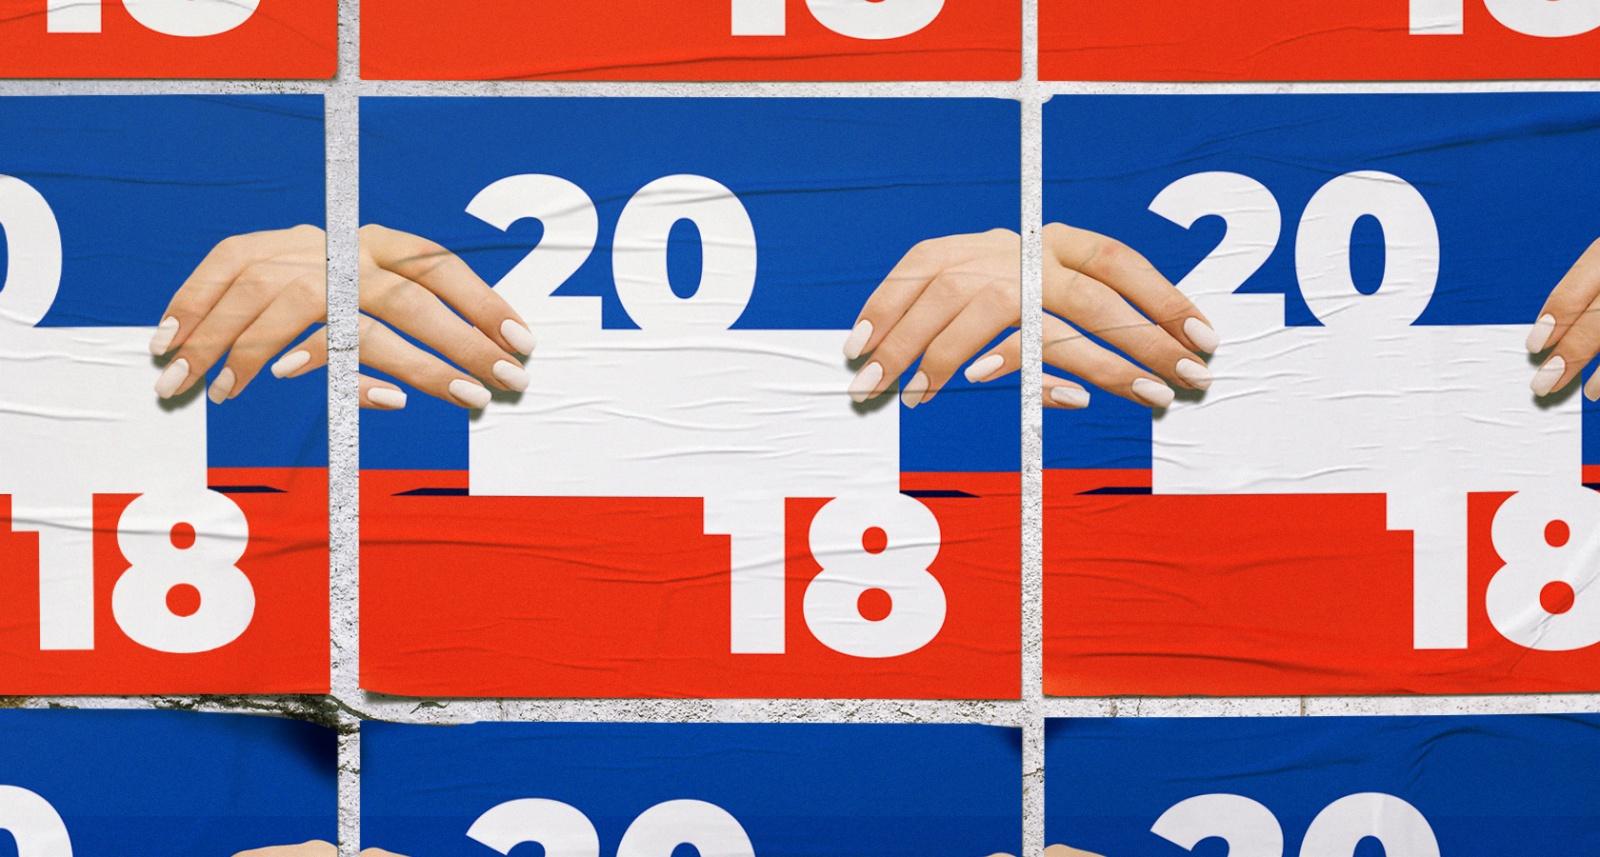 Логотип выборов за 37 миллионов VS. за 75 тысяч - 17